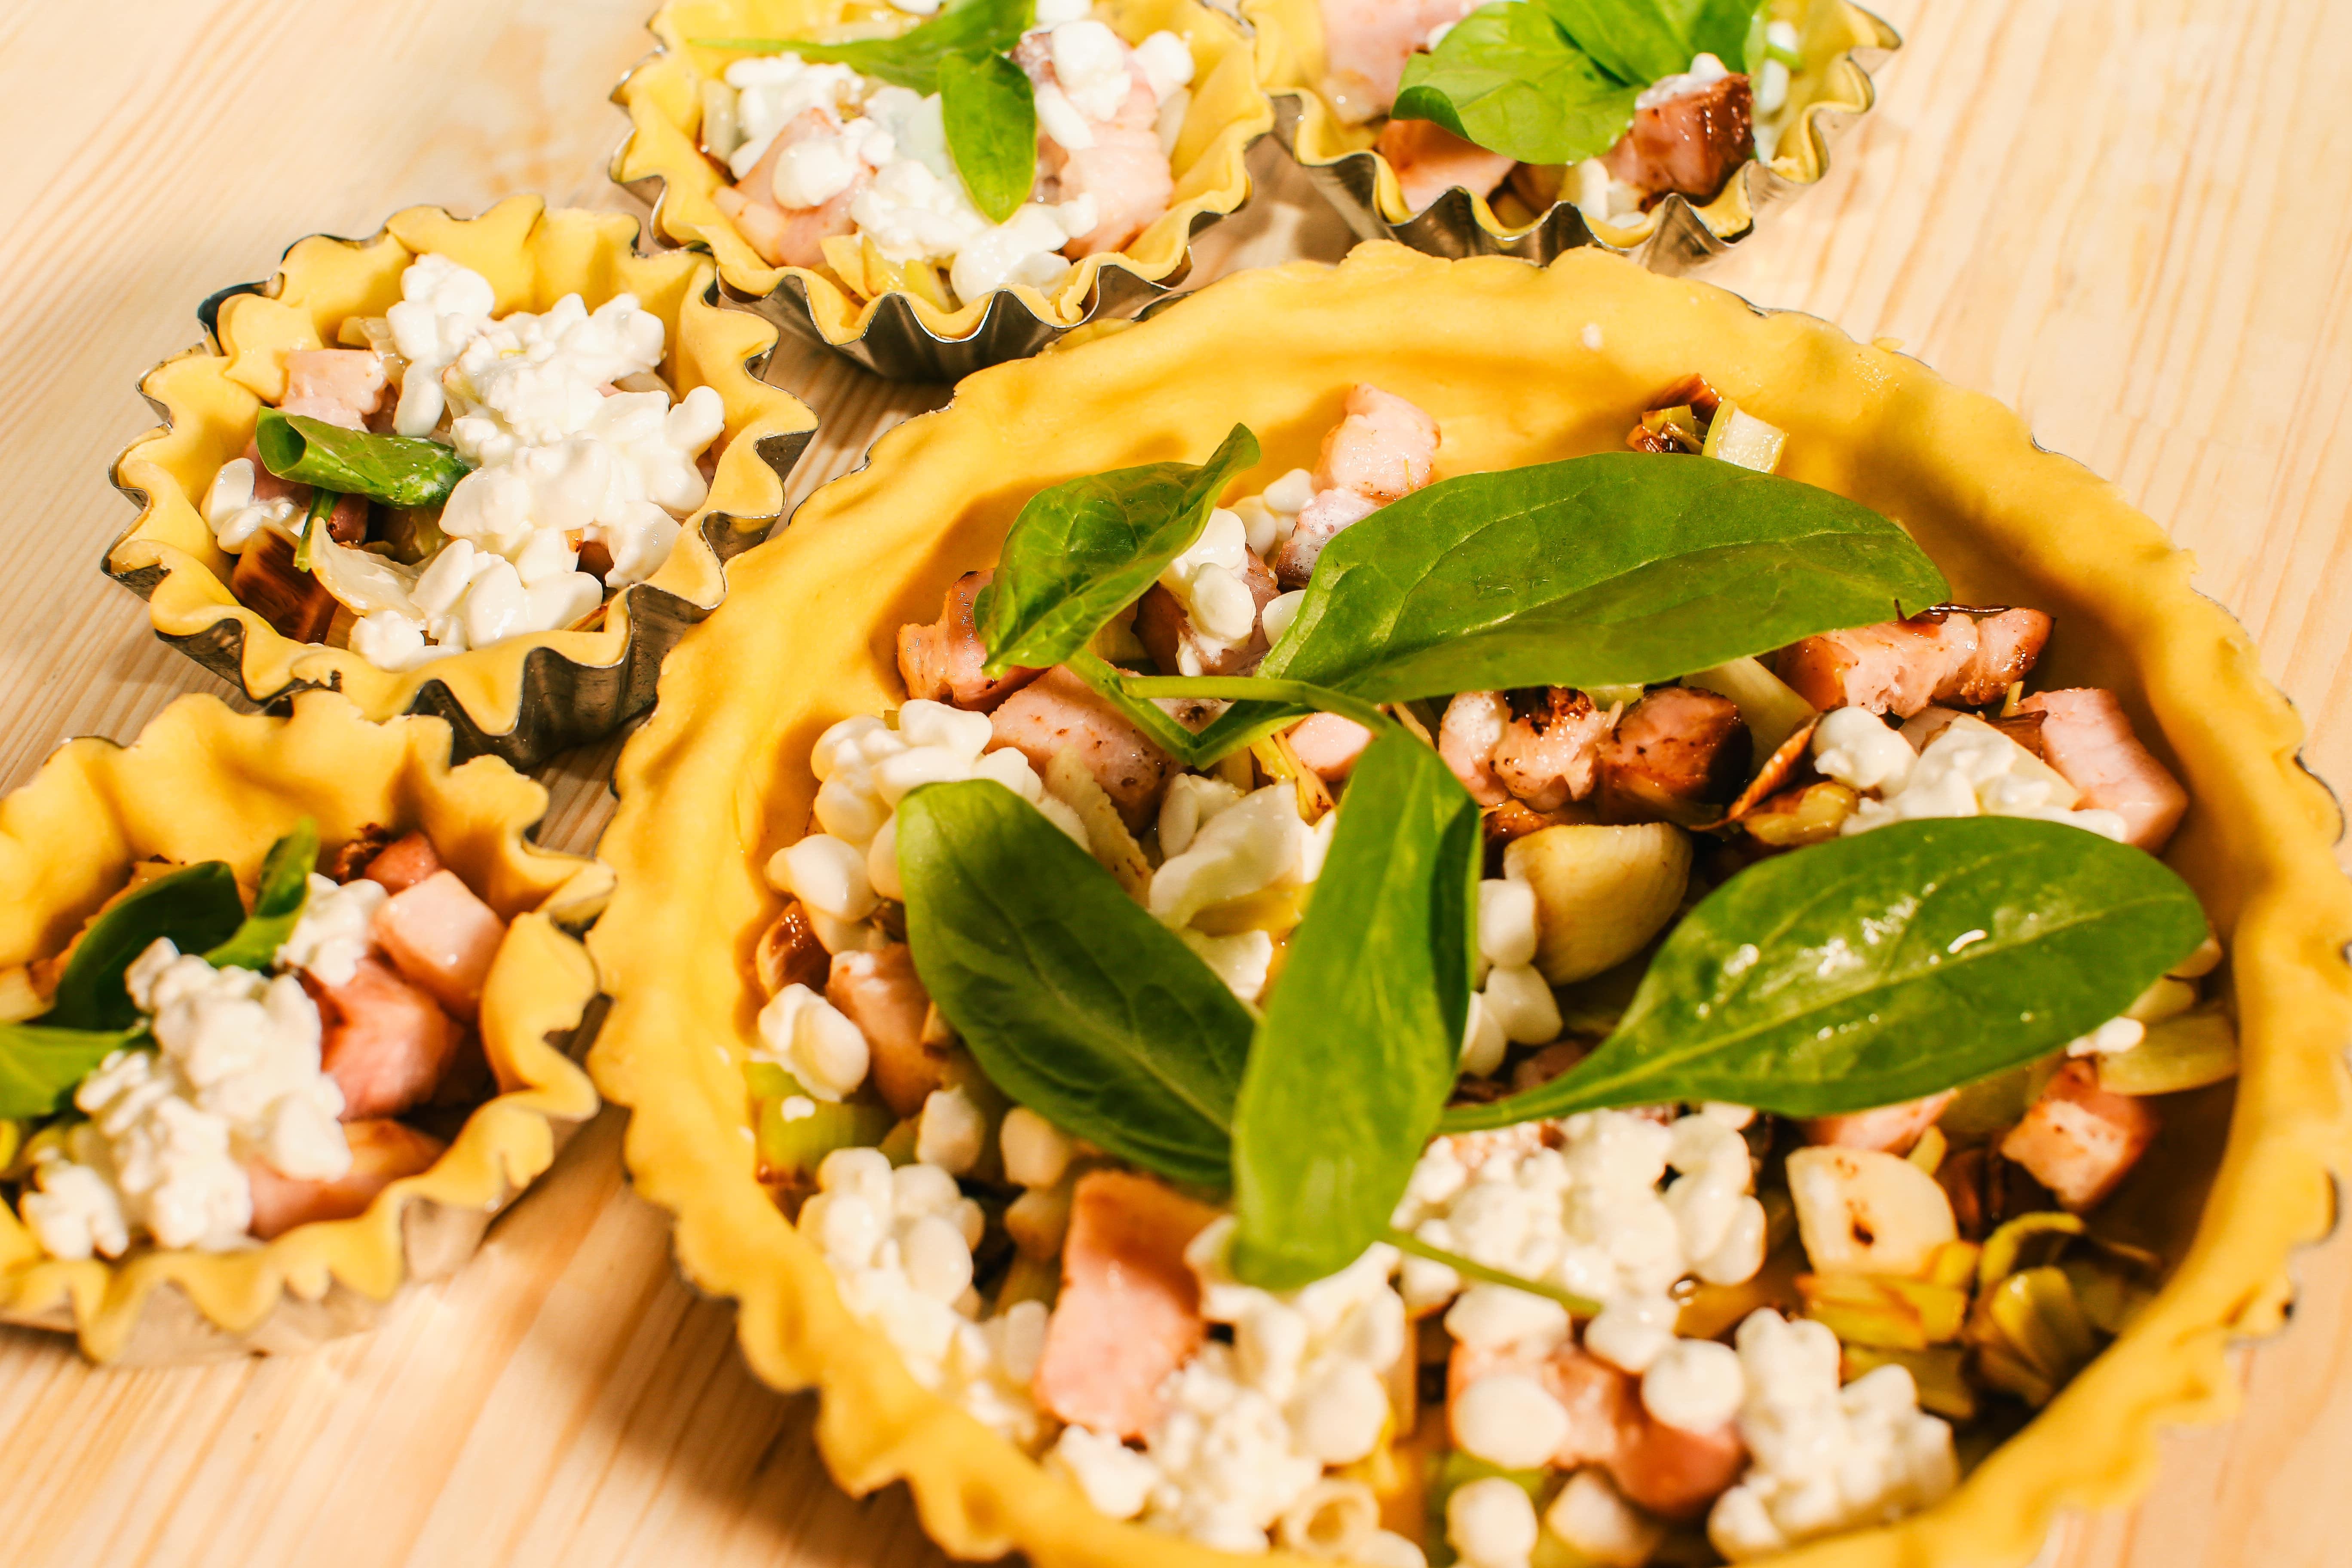 Викласти на тісто шинку з цибулею, залити молочно яєчною сумішшю та додати зернистий сир і шпинат.